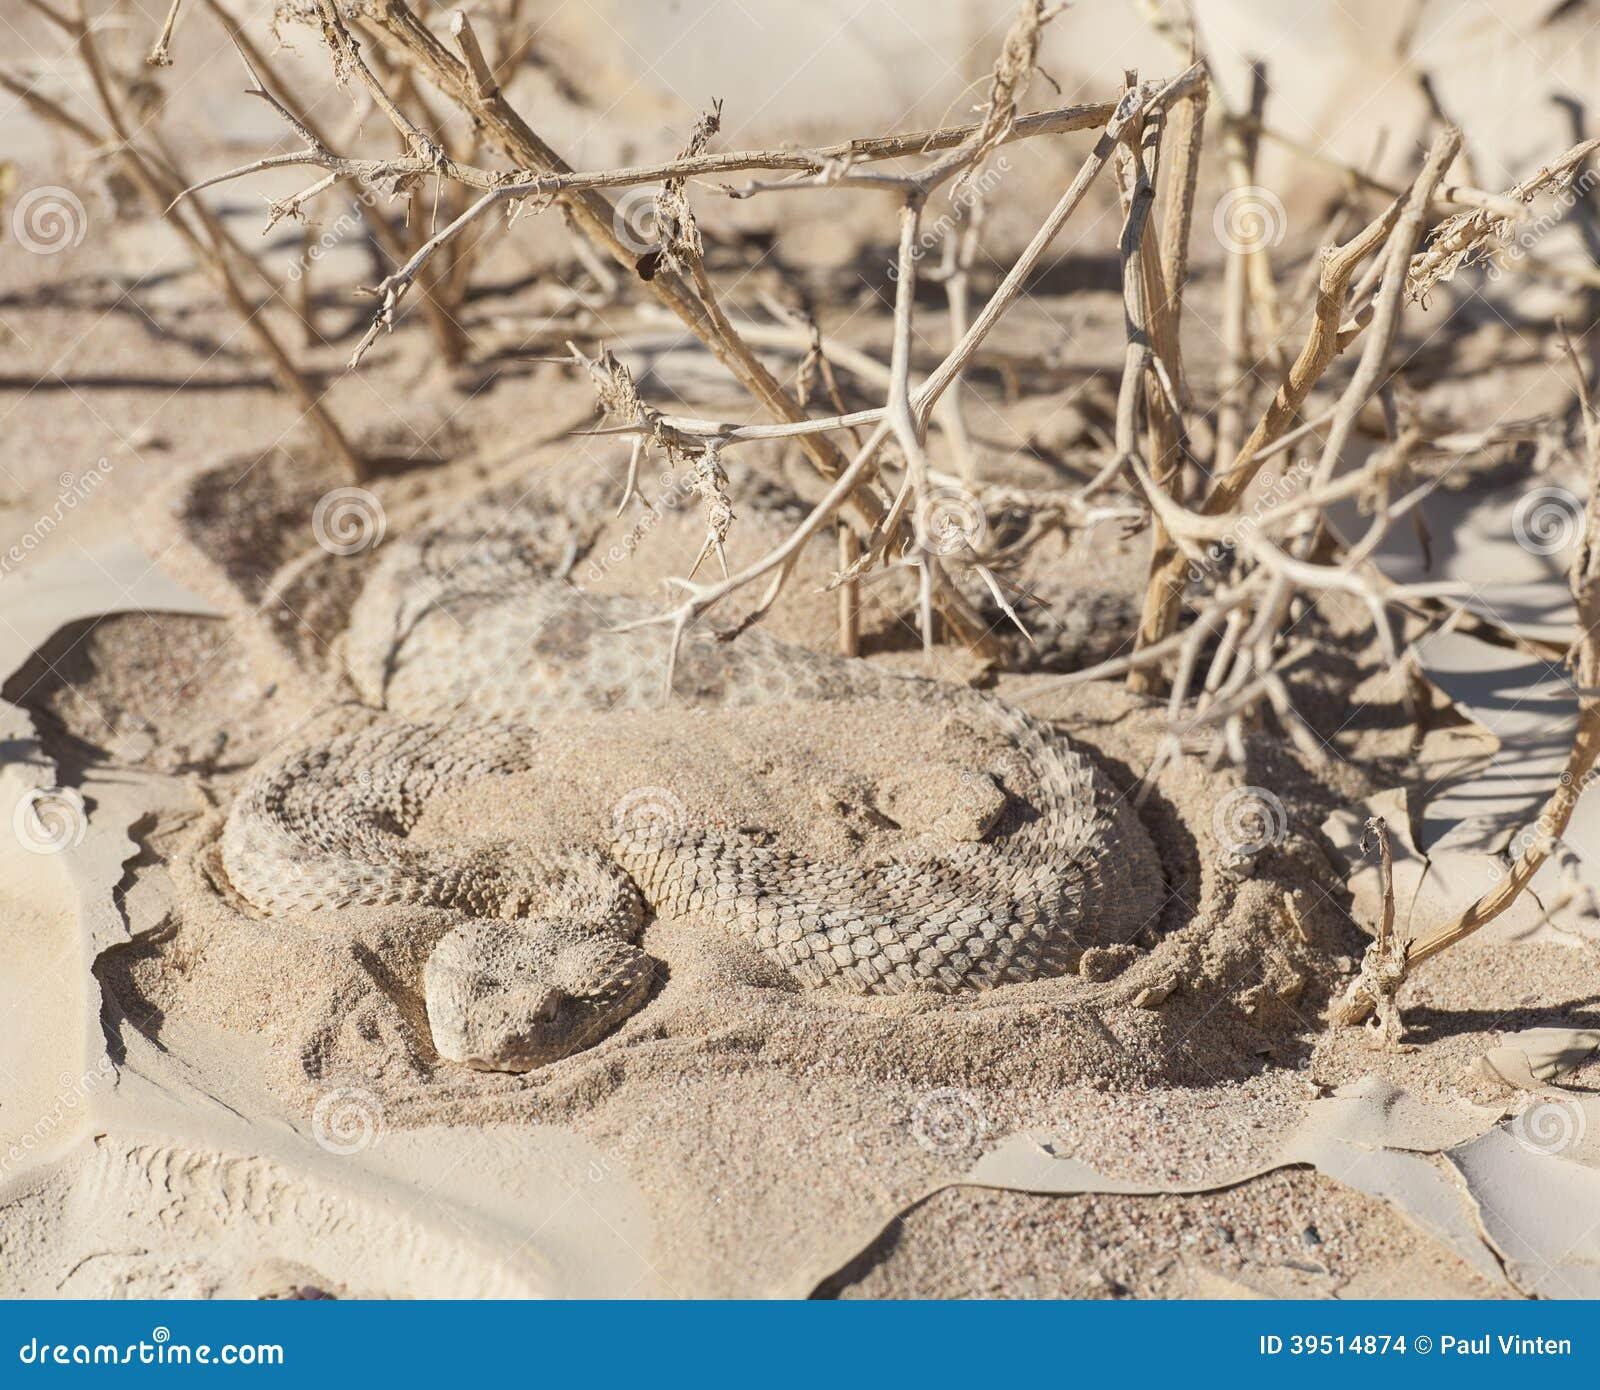 Egyptian desert viper snake in the sand